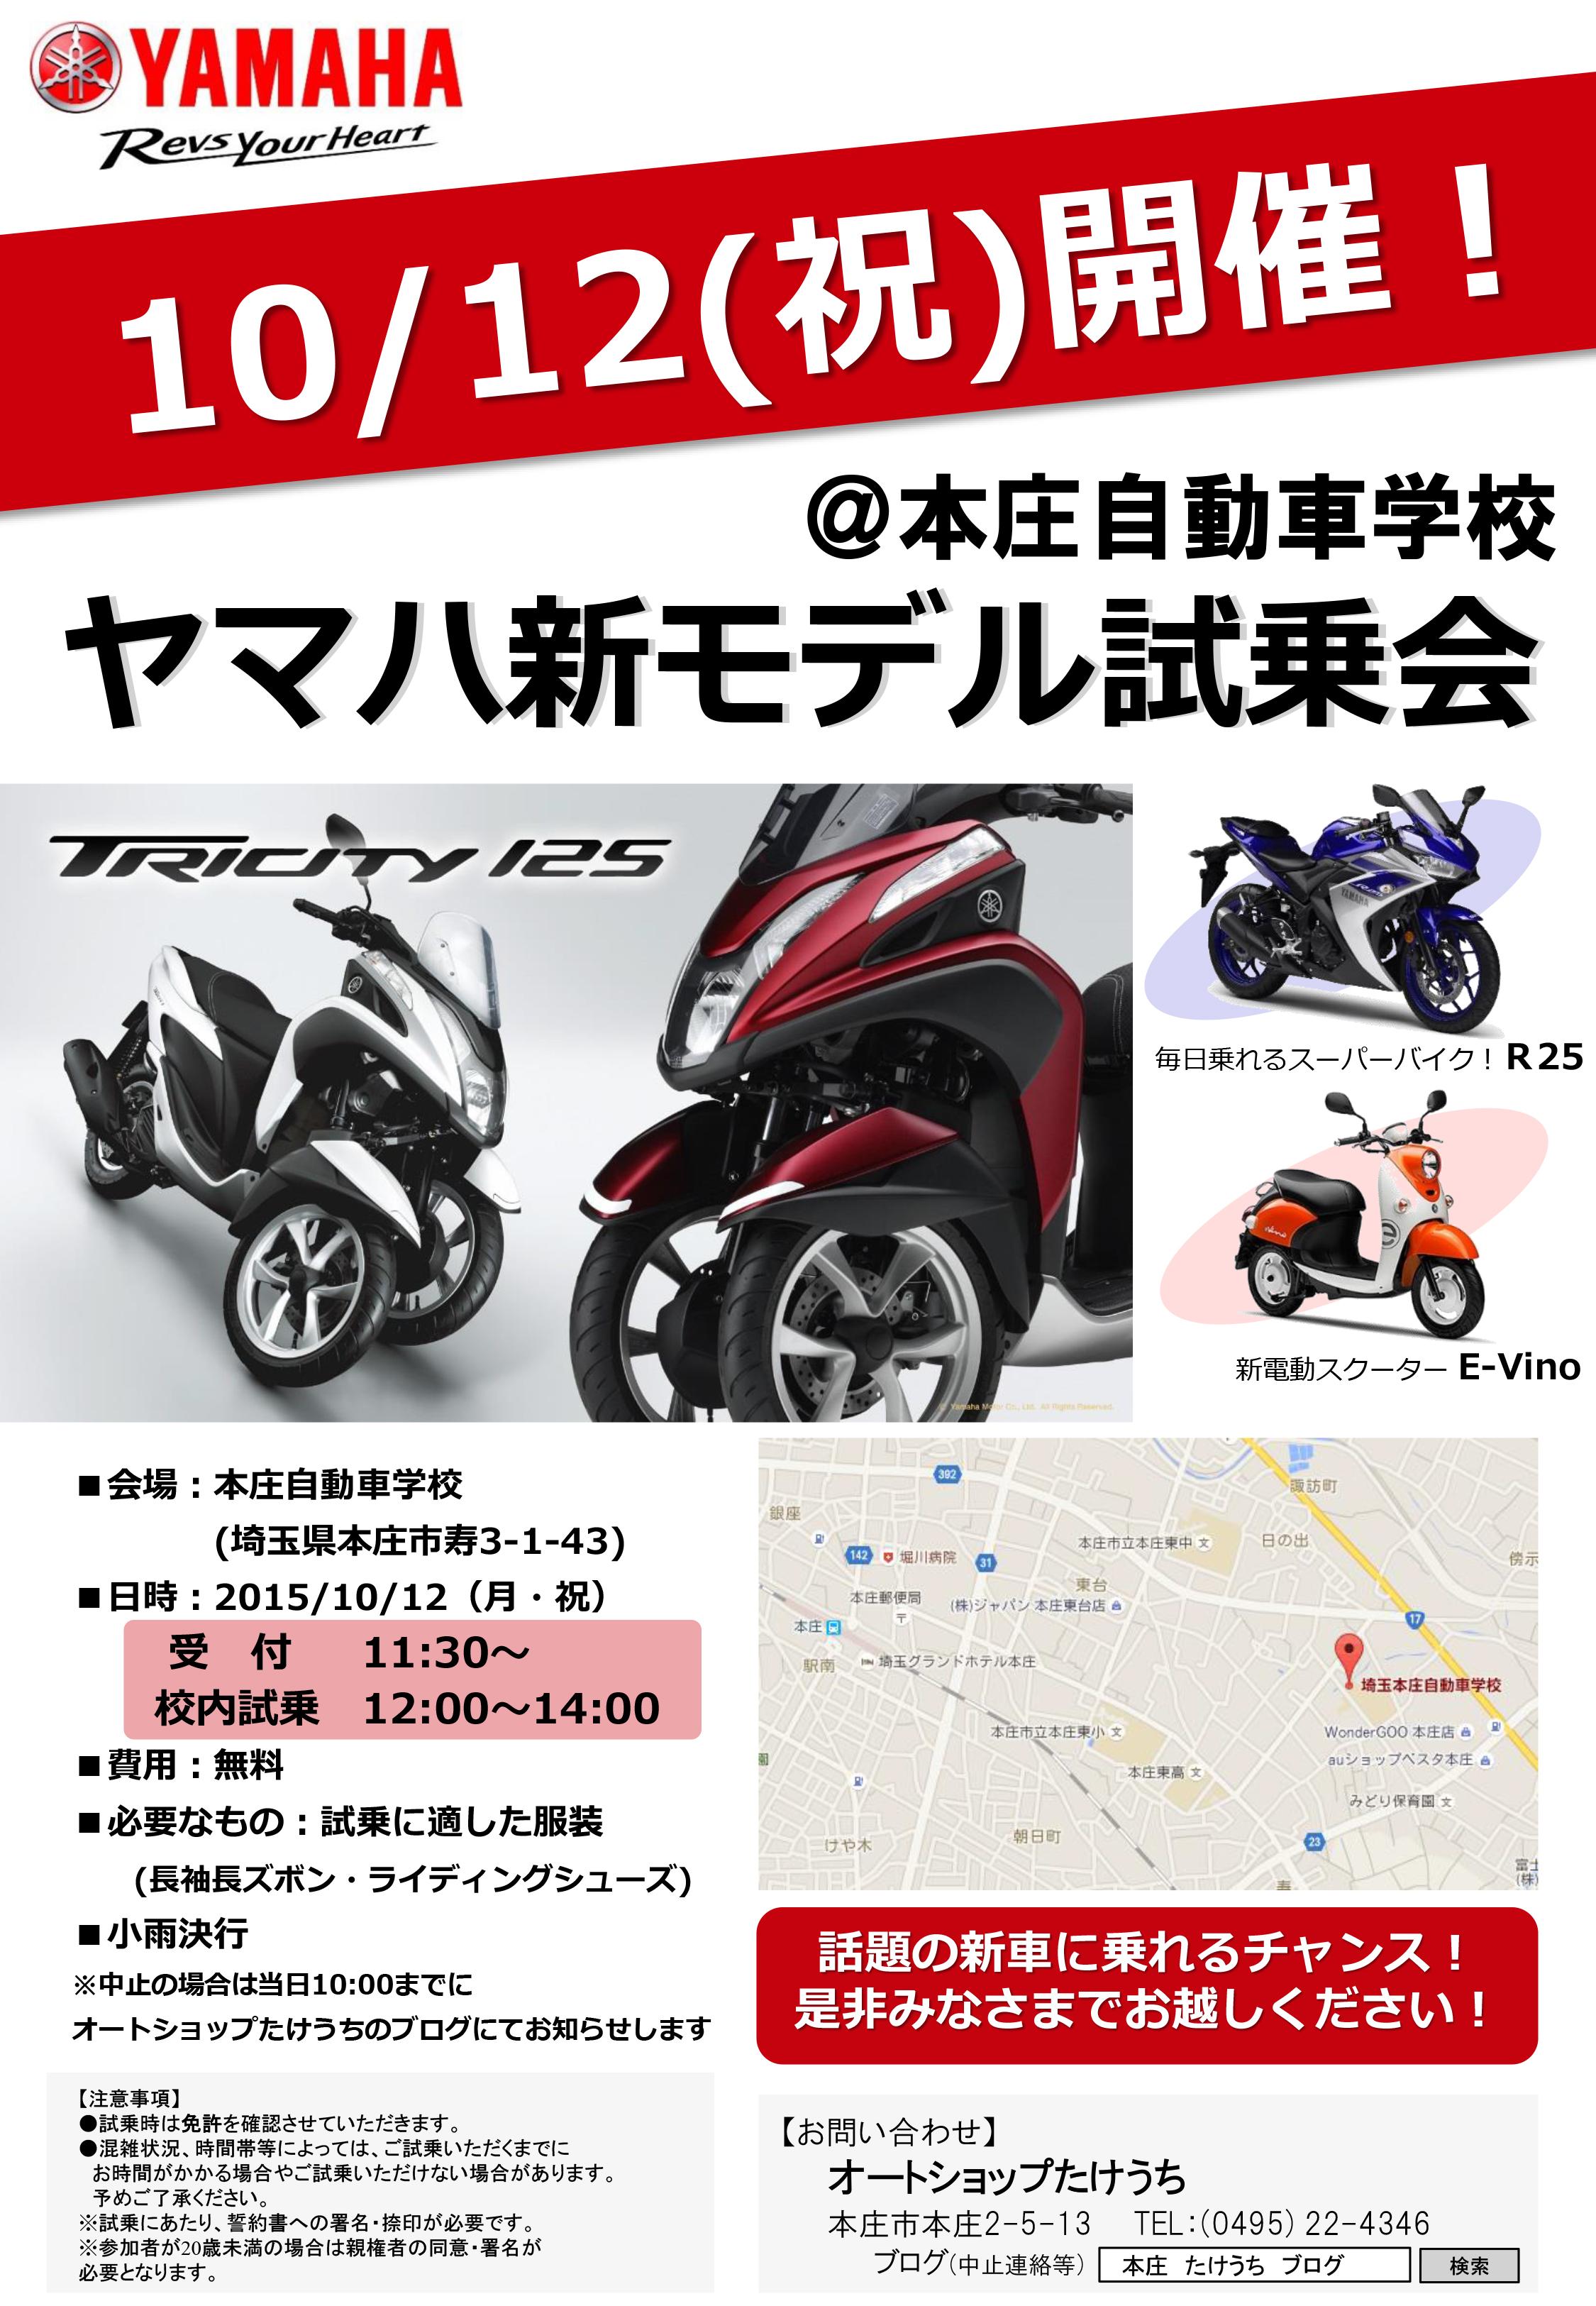 埼玉バイク試乗会